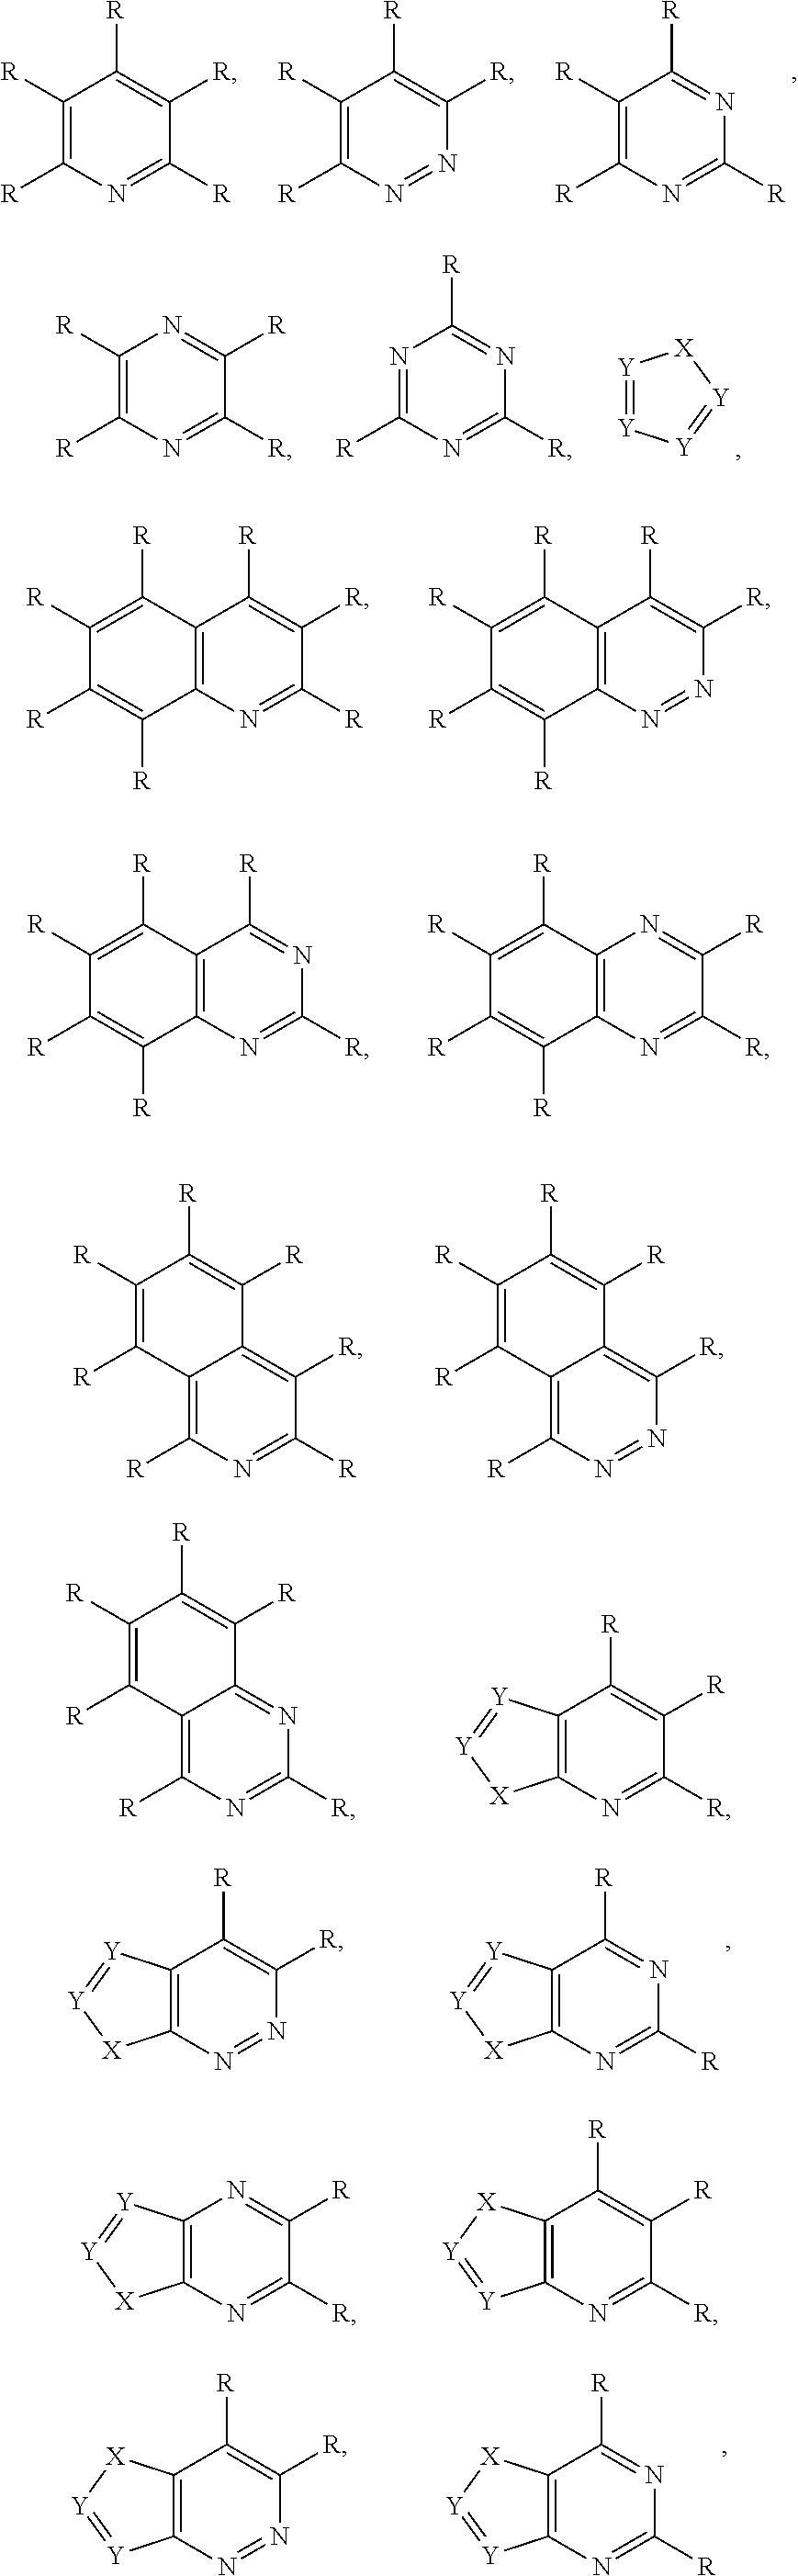 Figure US20110196145A1-20110811-C00030